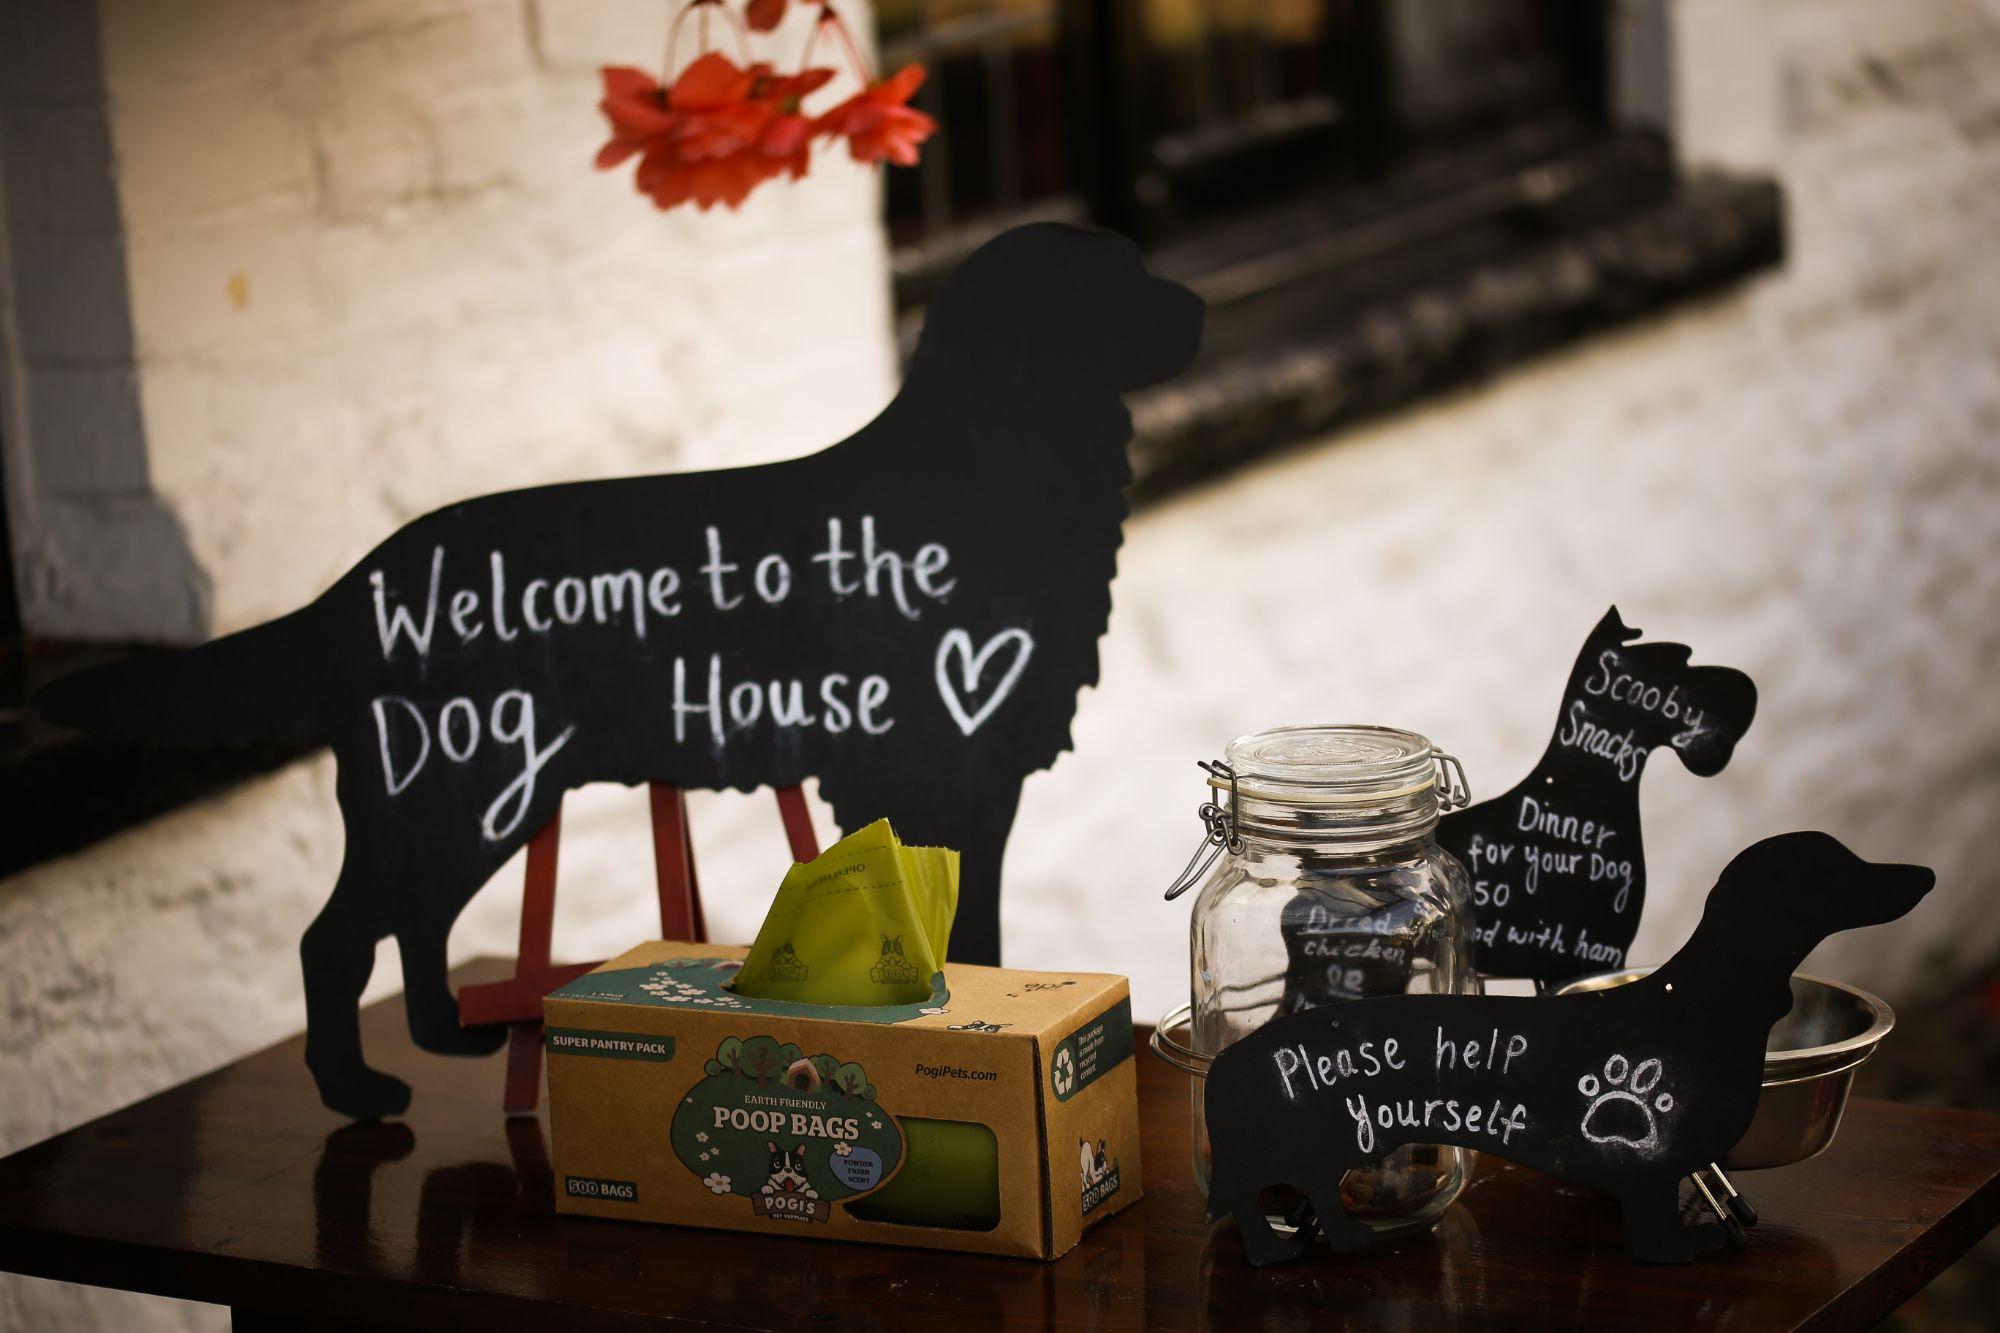 dog friendly pub and hotel free snacks